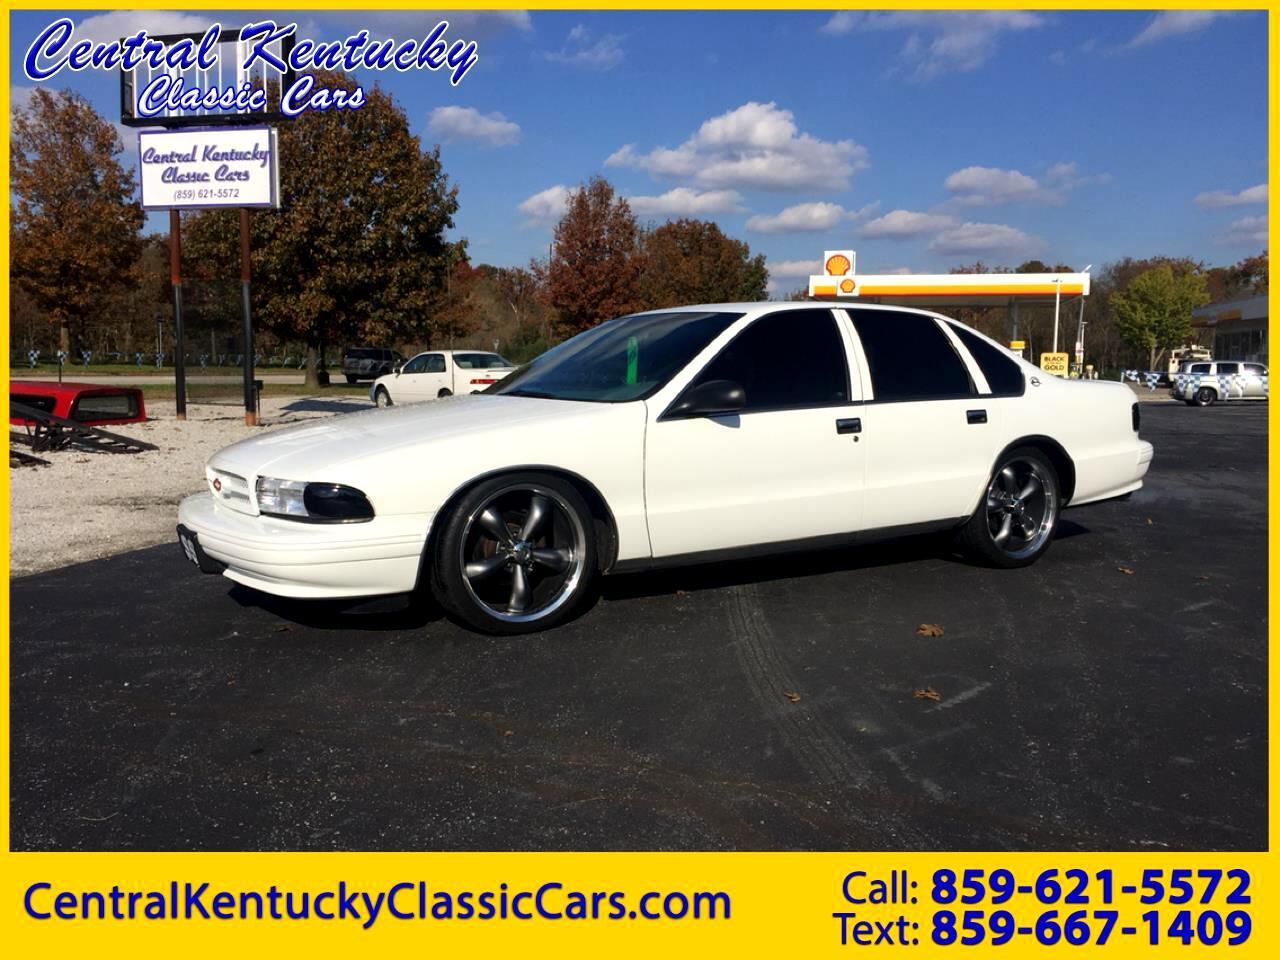 1996 Chevrolet Caprice 4dr Sedan Classic